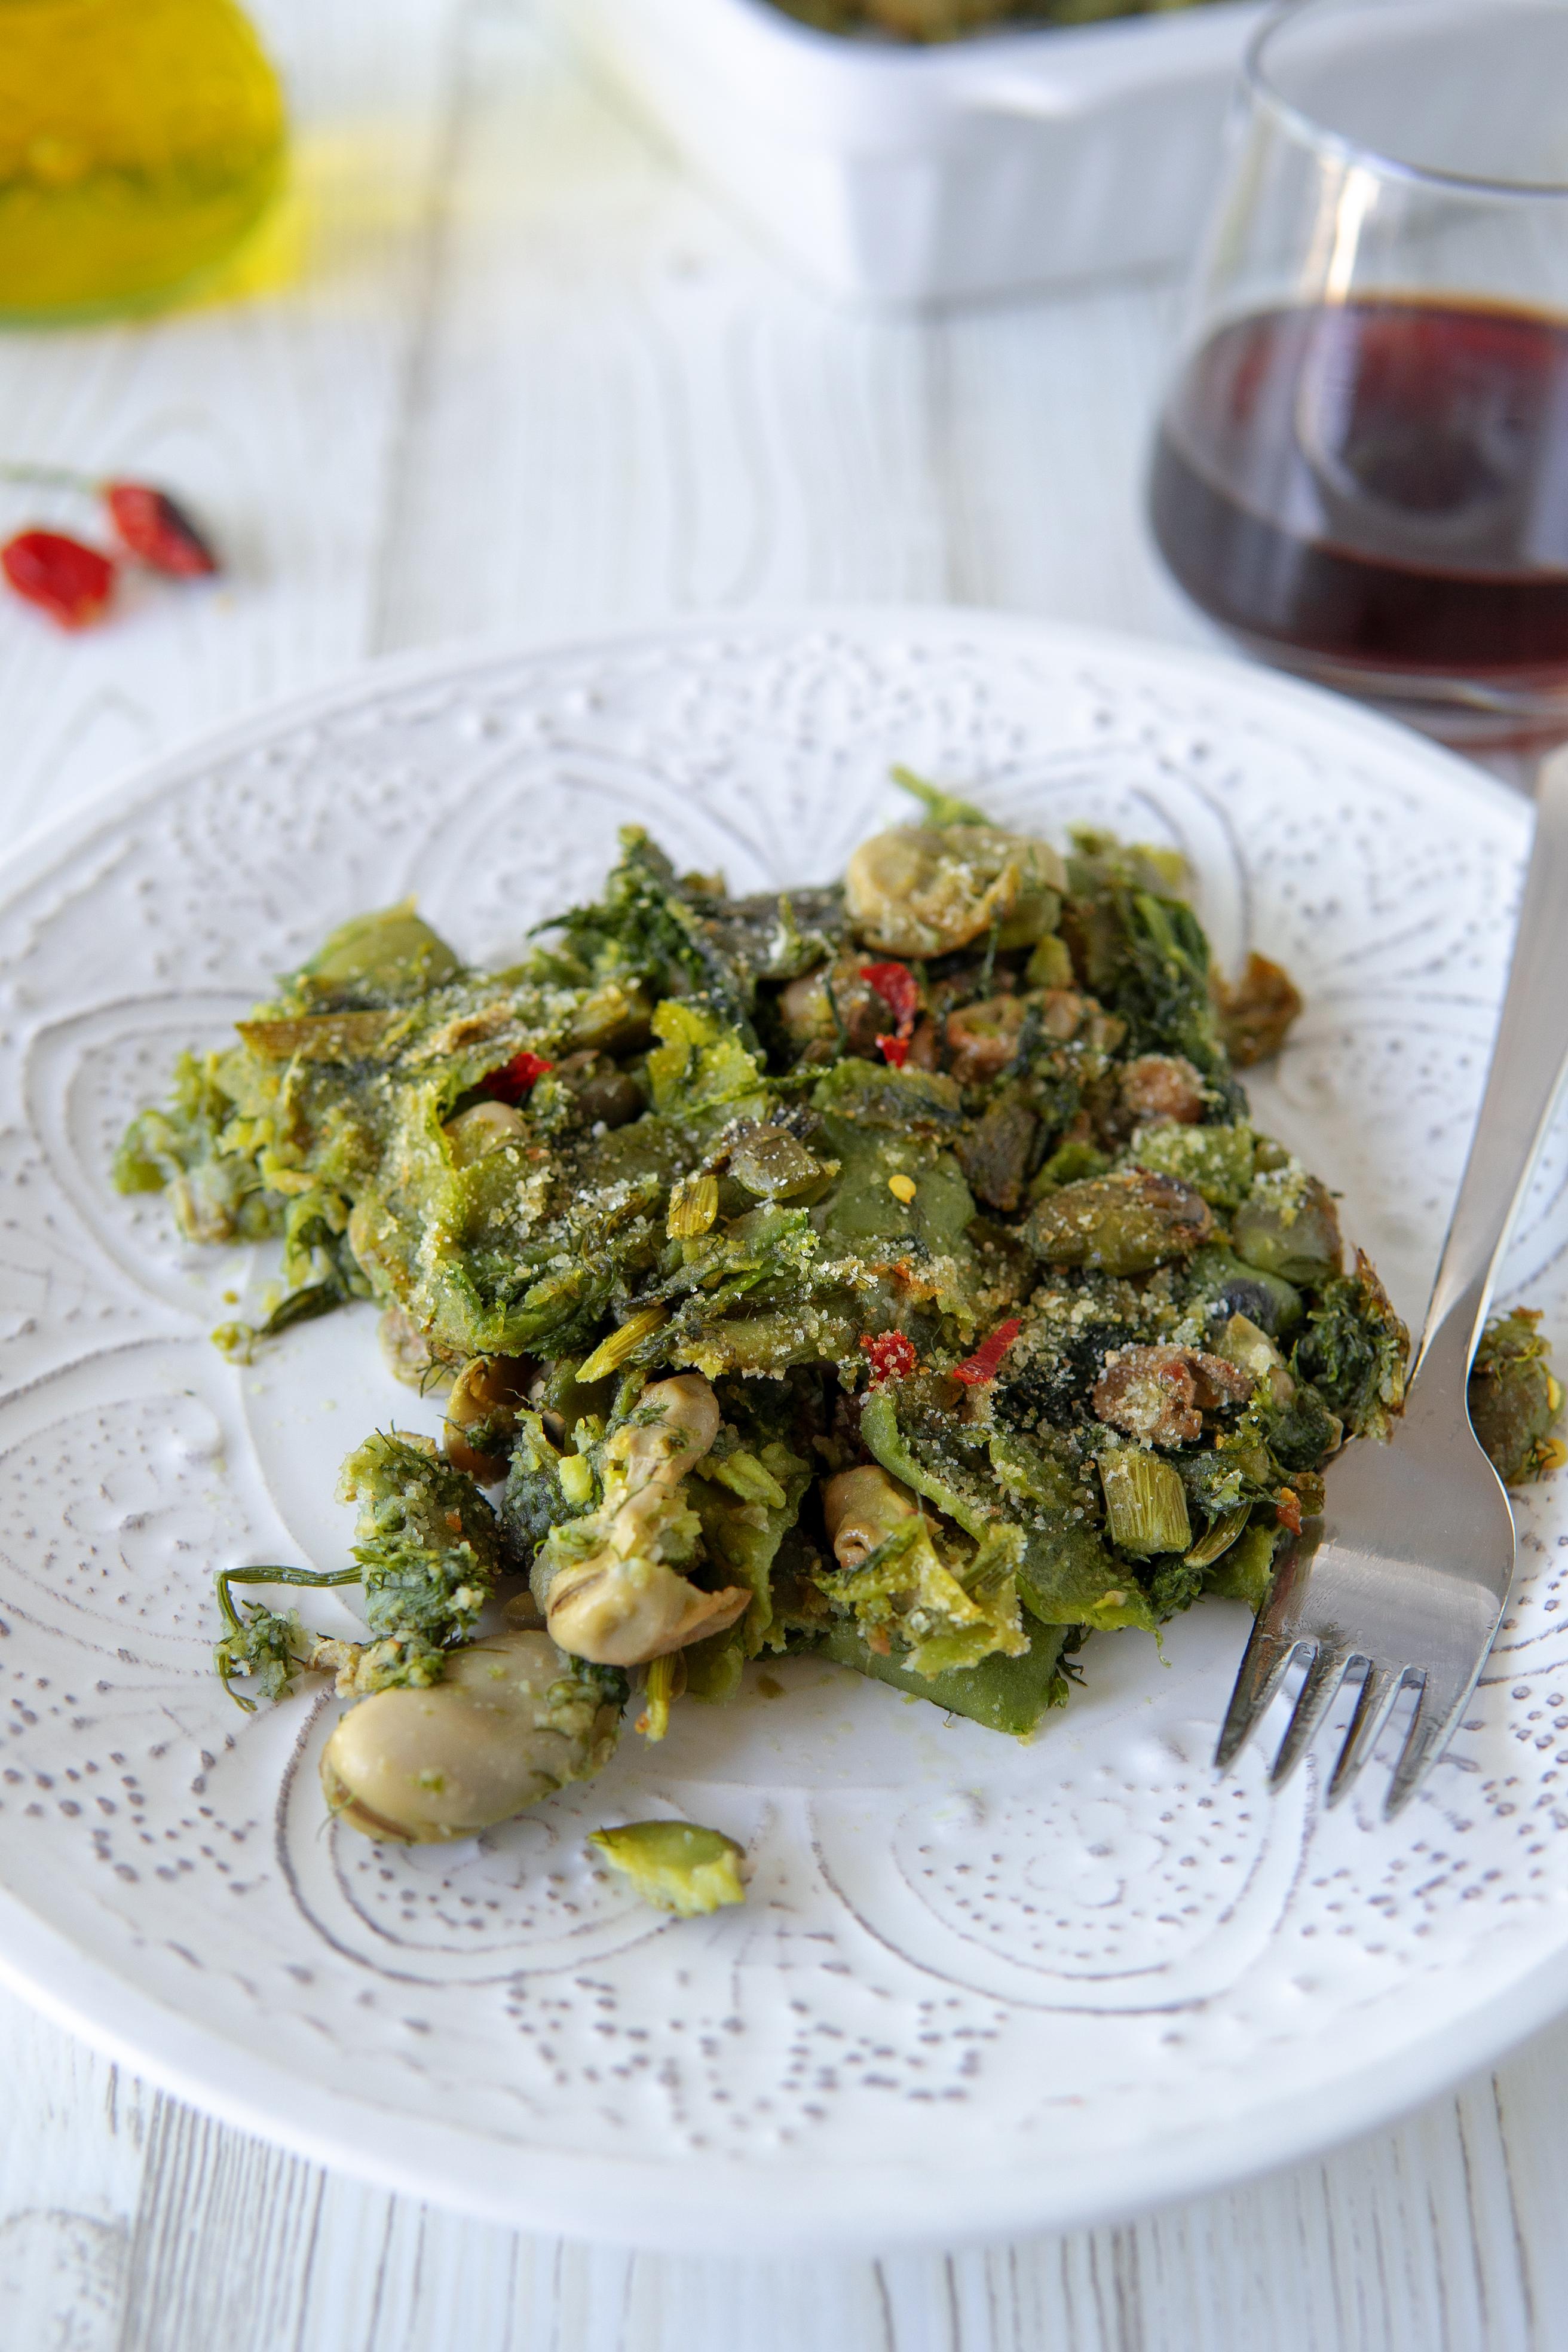 Fave fresche con buccia e mollica, ricetta siciliana